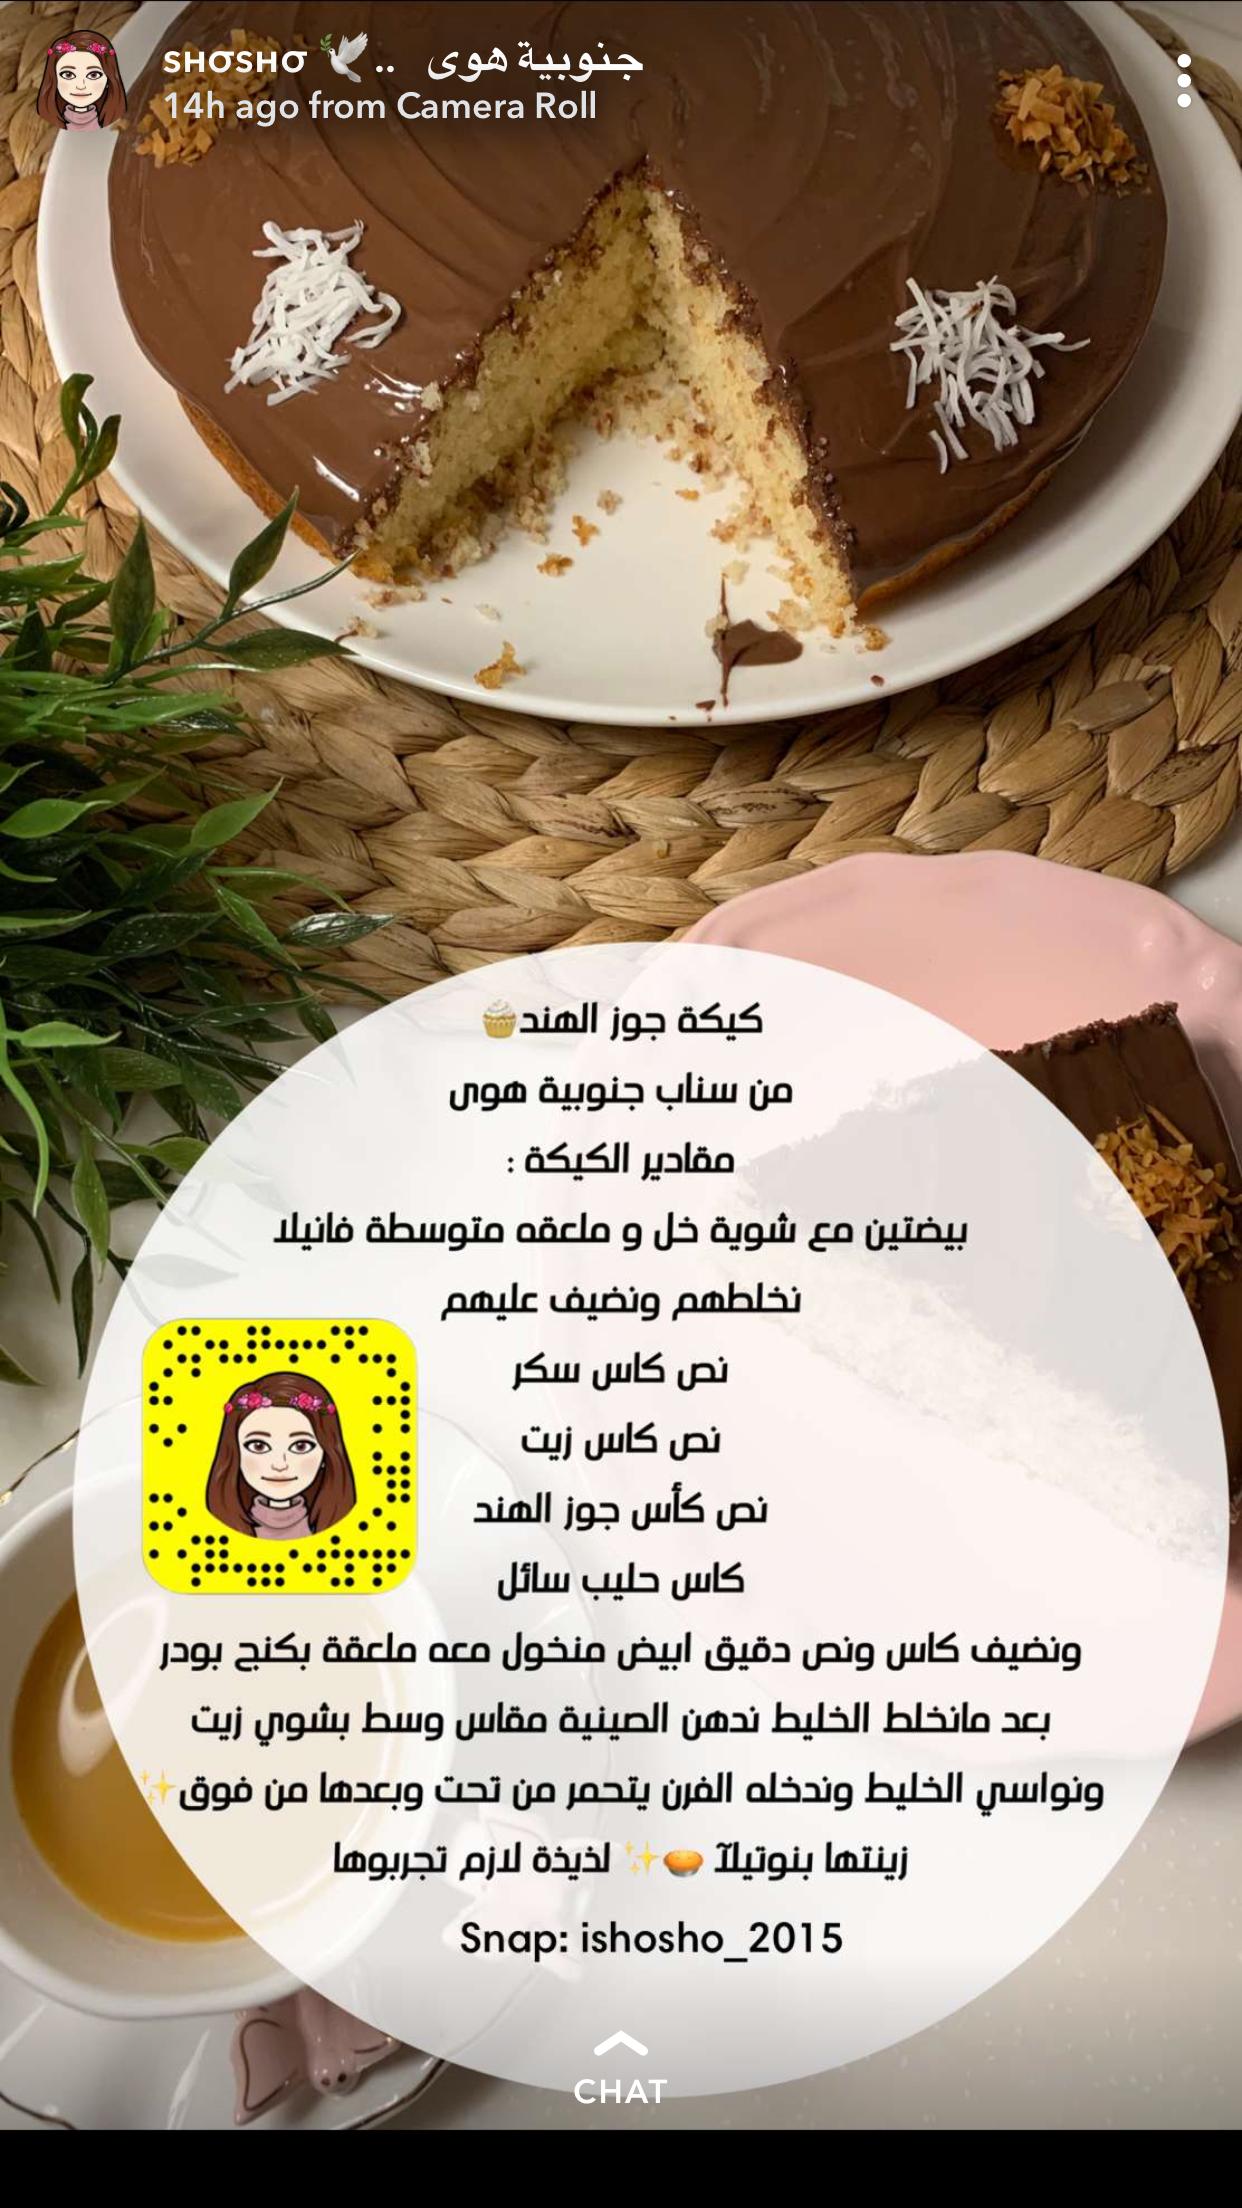 Pin By Maryam Alali On كيك Yummy Food Dessert Diy Food Recipes Food Receipes